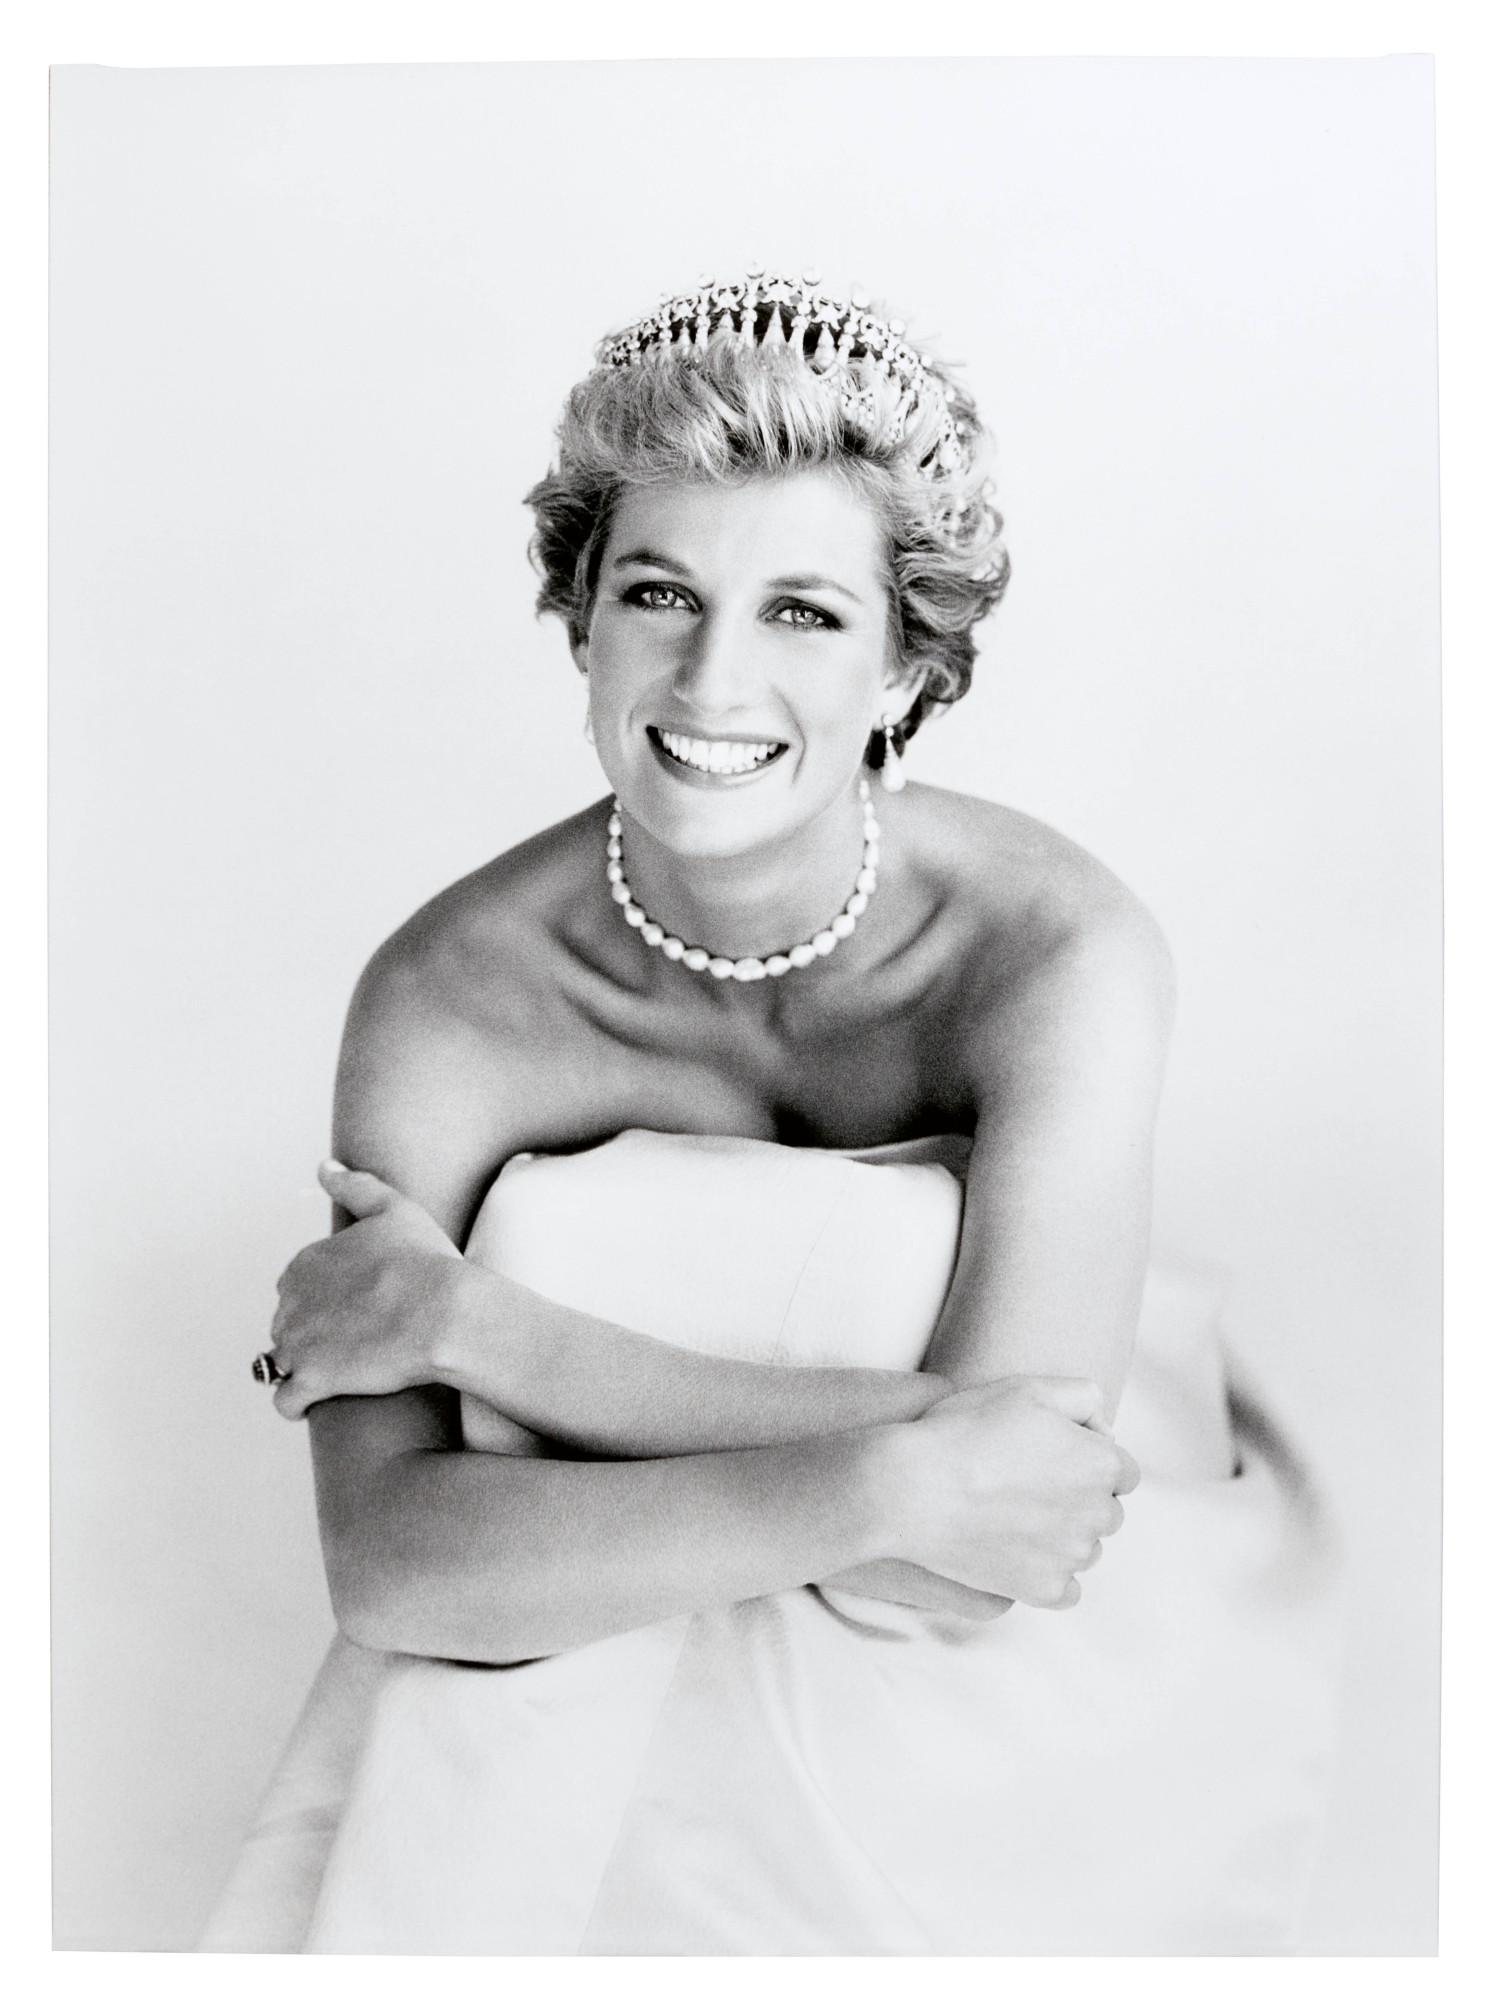 Patrick Demarchelier, Princess Diana, London, 1990.